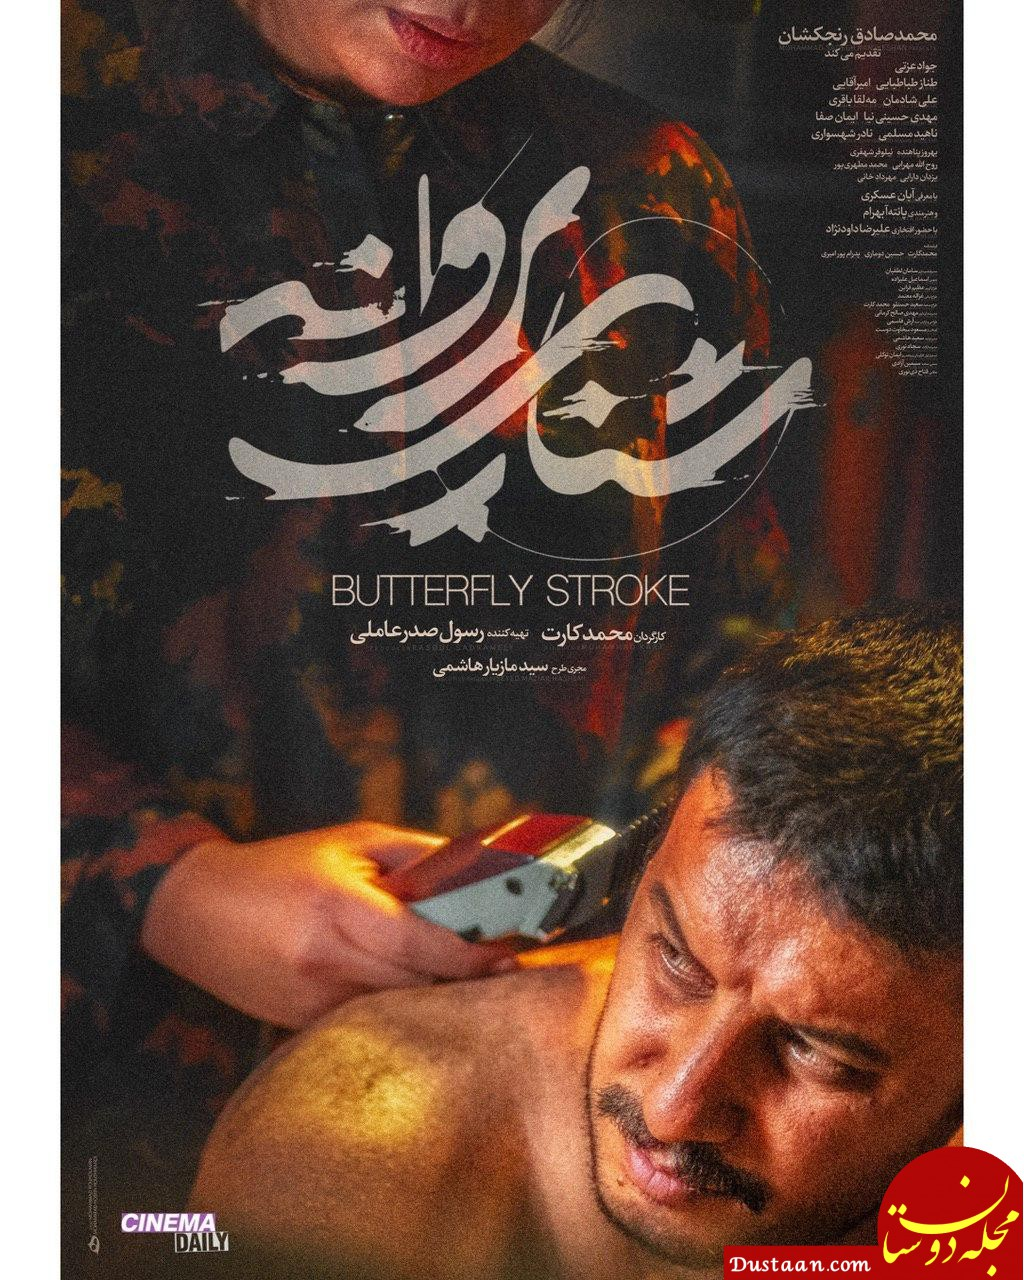 رونمایی از اولين پوستر فیلم سینمایی «شنای پروانه»